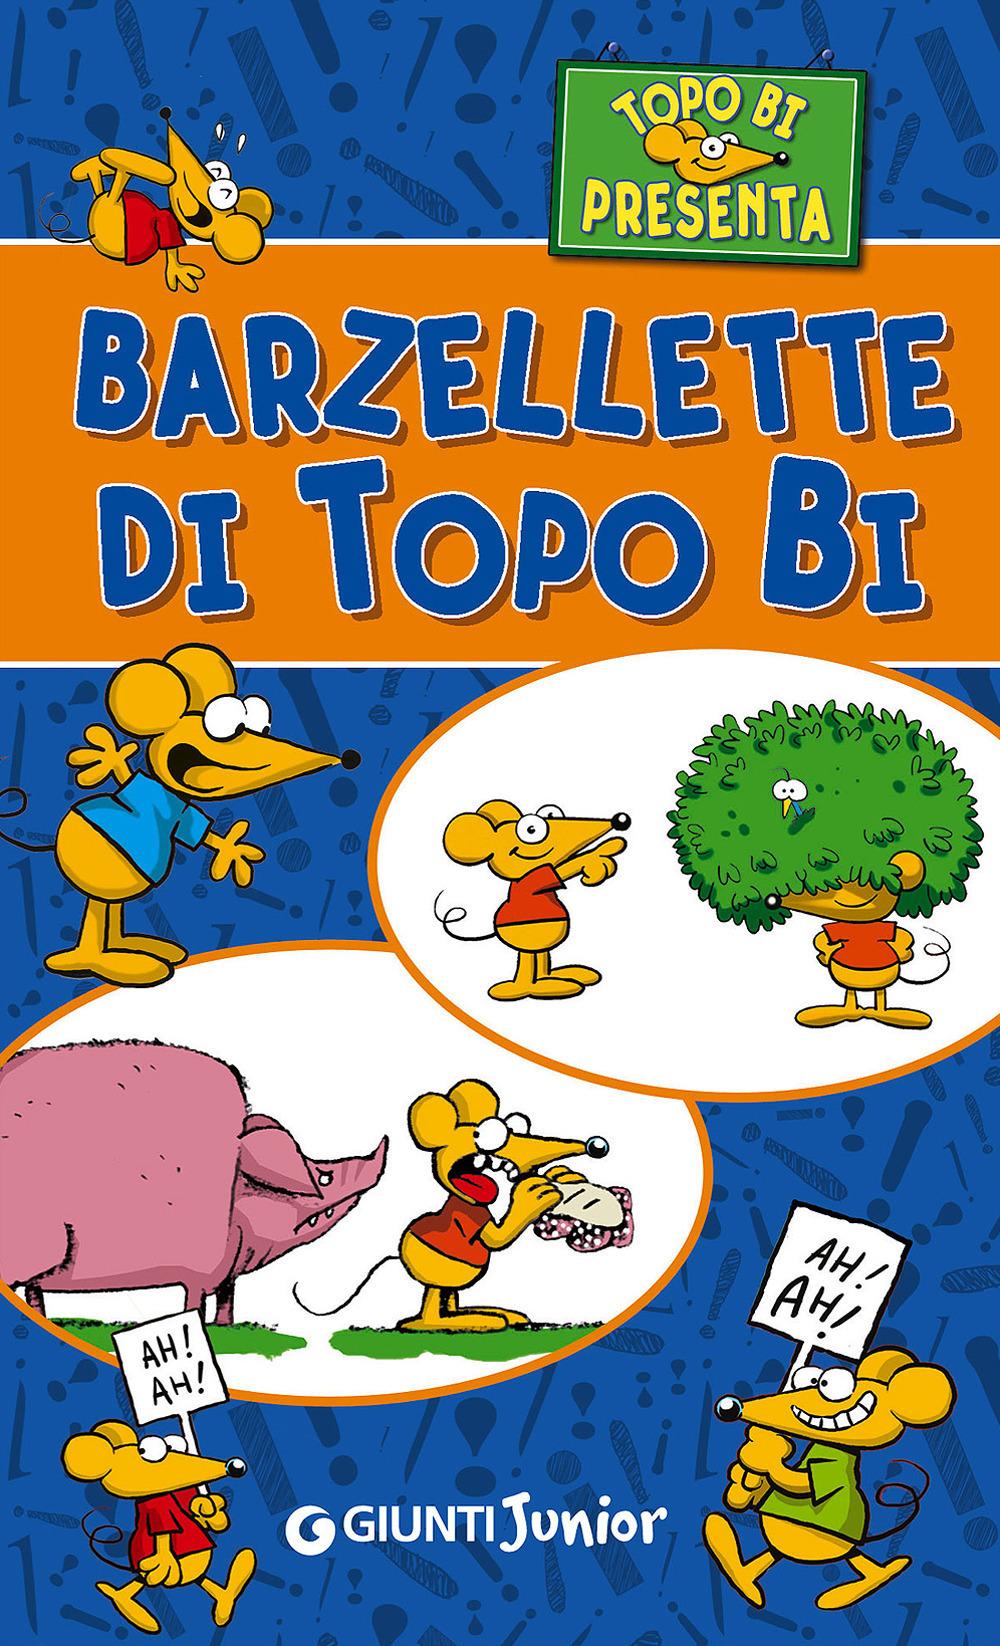 Barzellette di Topo Bi